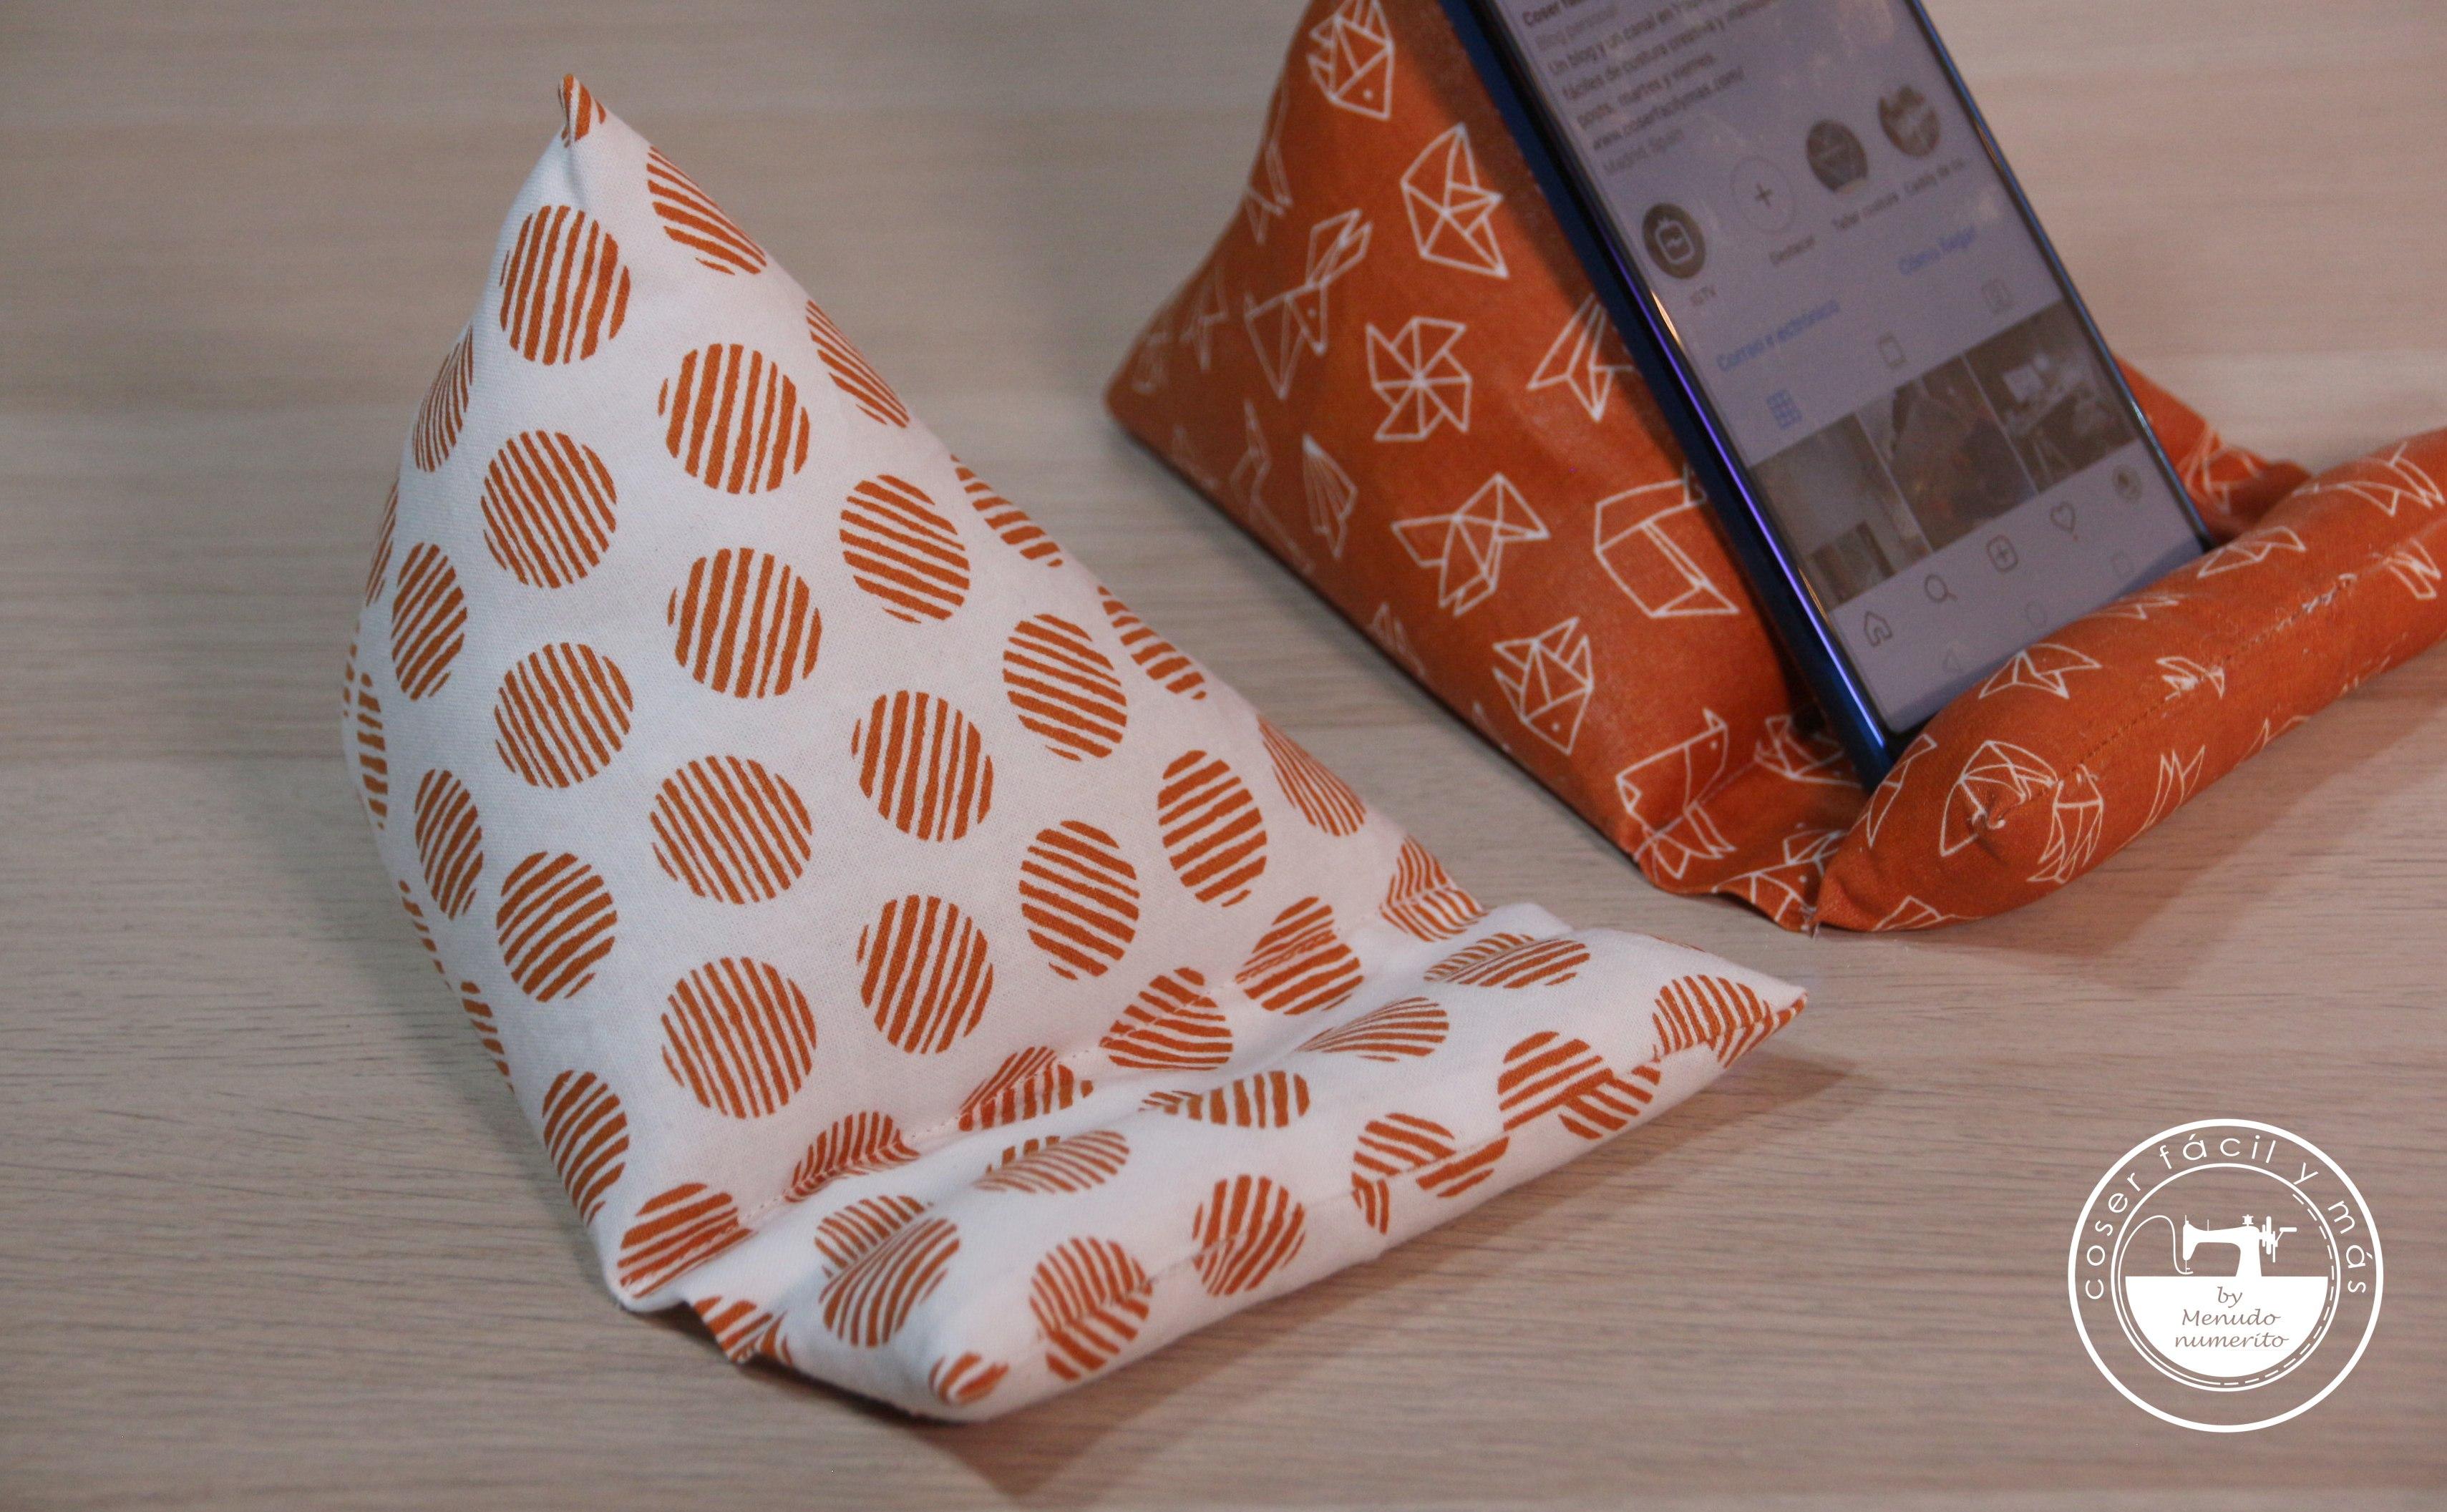 soporte de movil sobremesa coser facil y mas menudo numerito